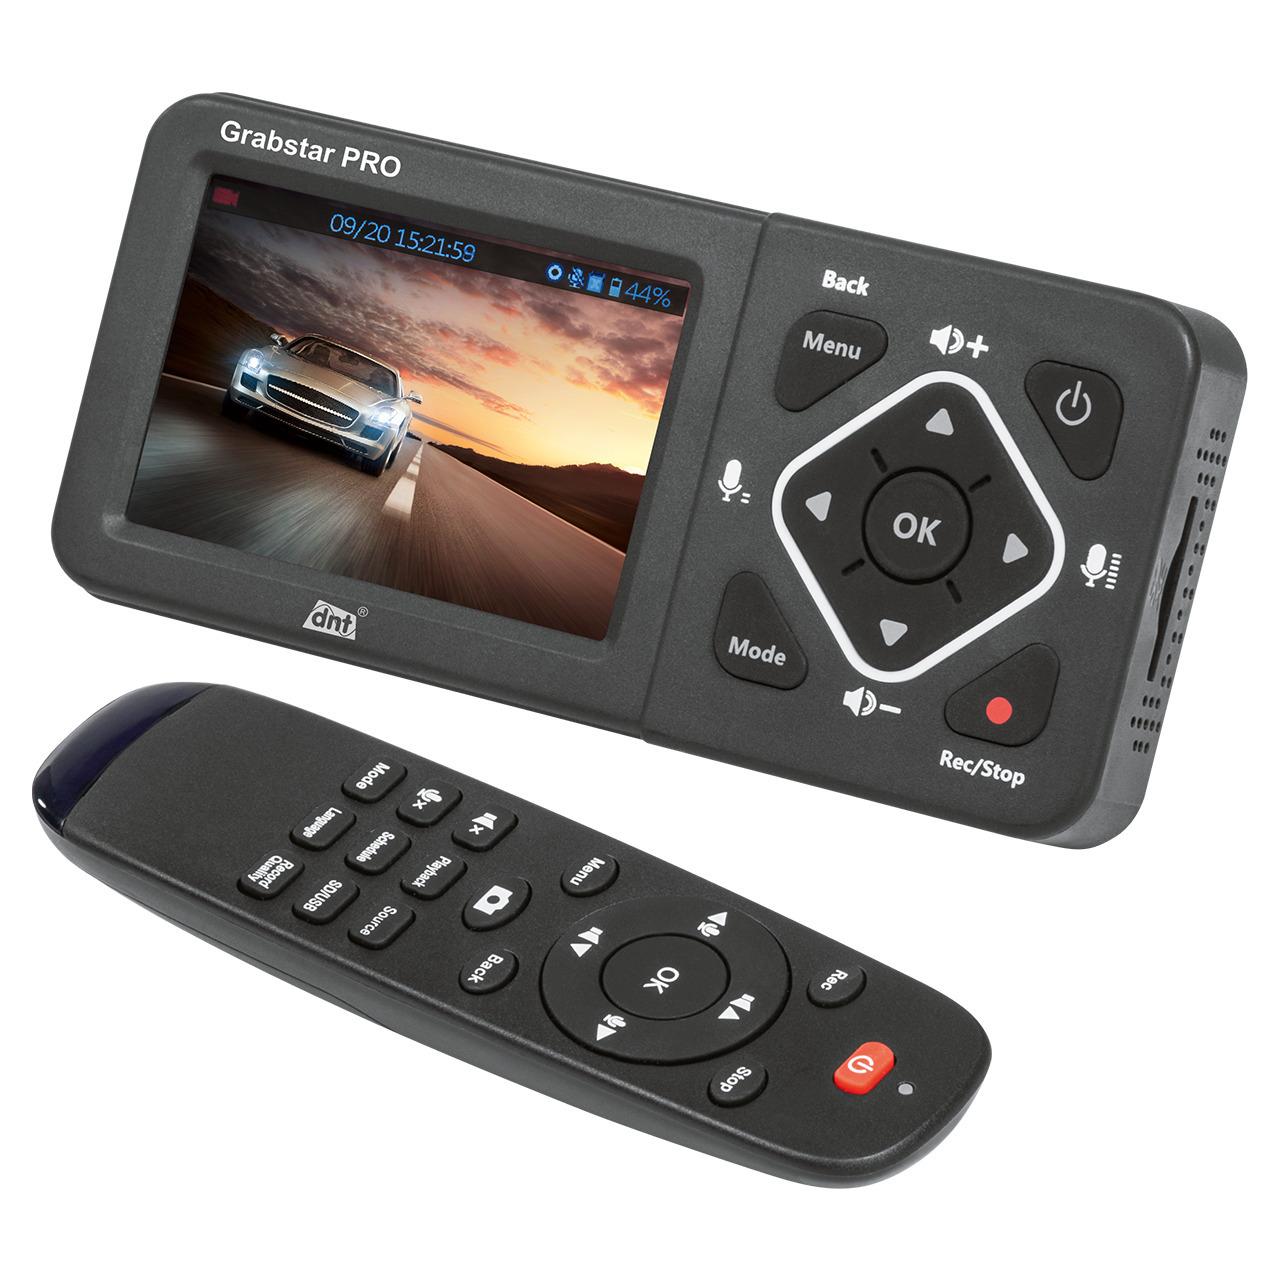 dnt HDMI-Video-Digitalisierer Grabstar PRO- 8-9 cm Vorschaudisplay- bis 1080p-60 fps- USB- SD-SDHC